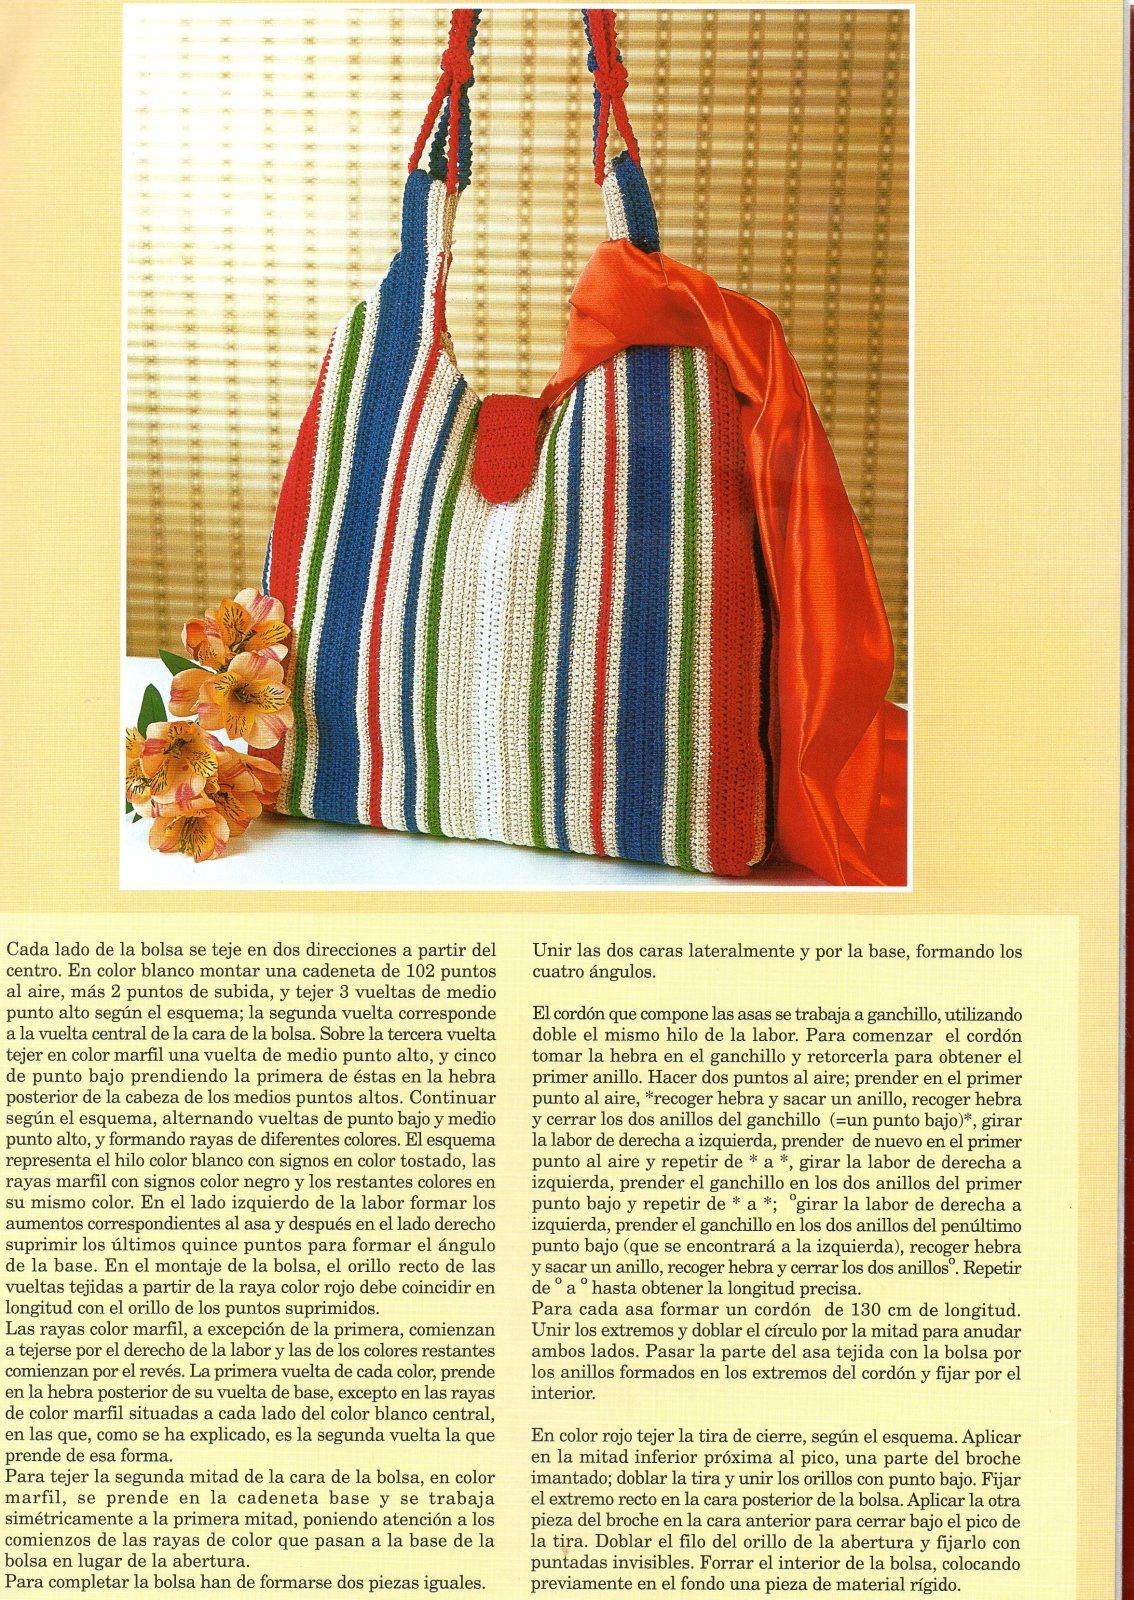 patrones de bolsos 2rnzwq8